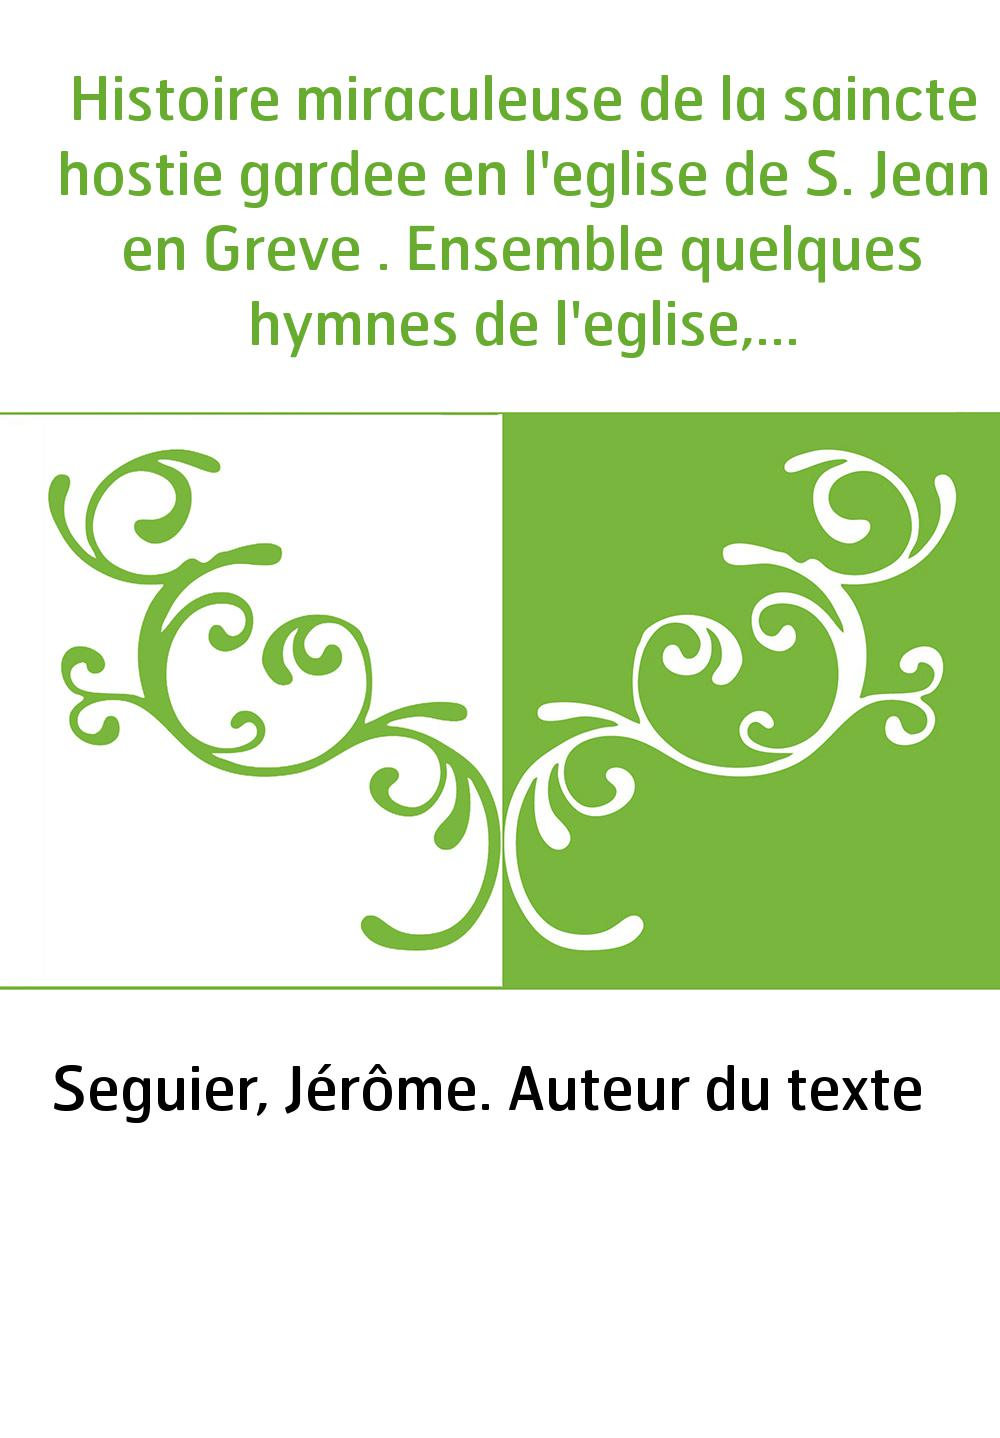 Histoire miraculeuse de la saincte hostie gardee en l'eglise de S. Jean en Greve . Ensemble quelques hymnes de l'eglise, au S. S